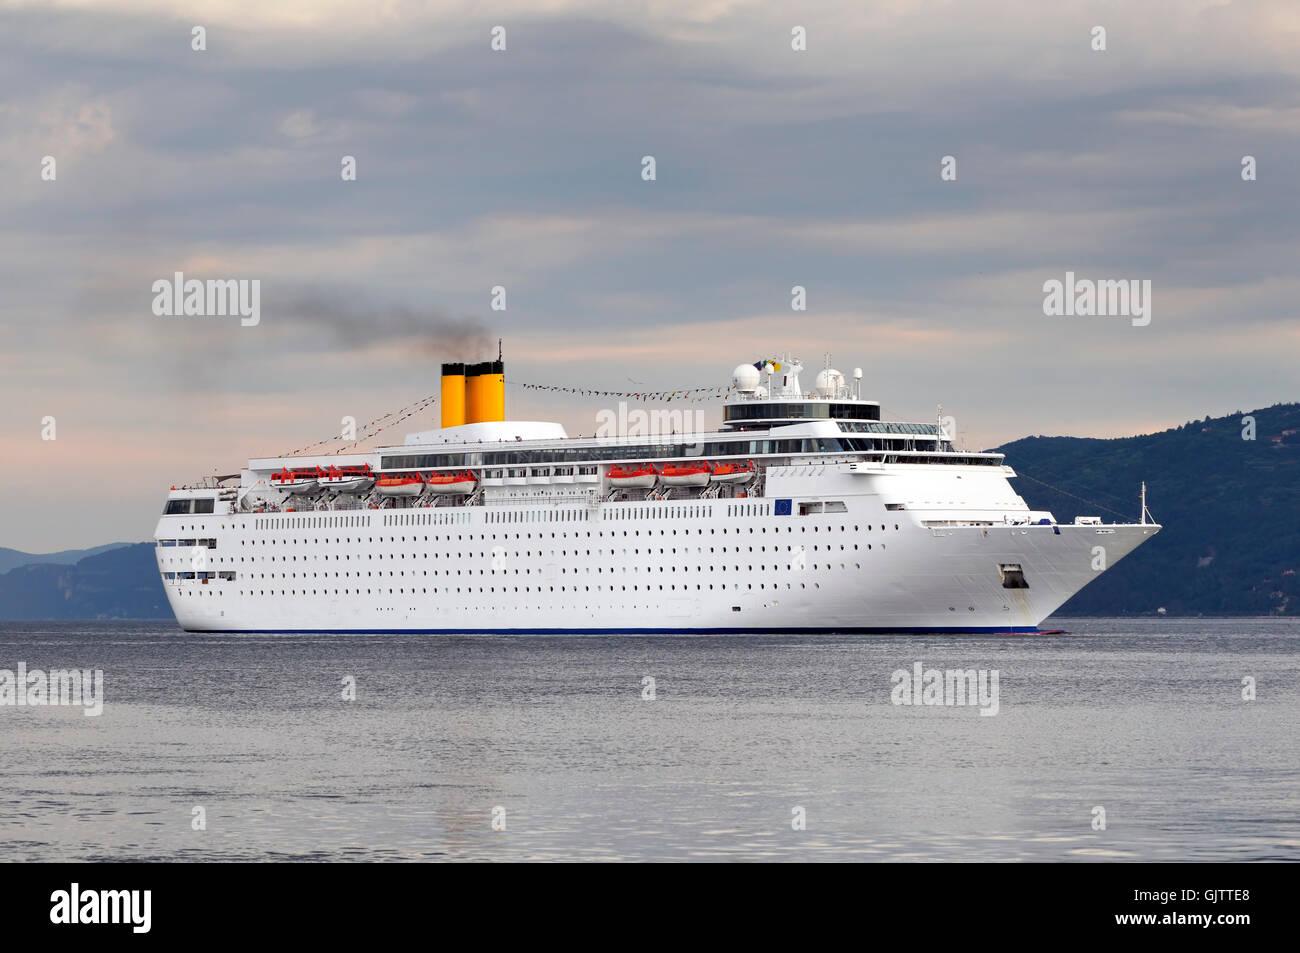 travel cruise luxury - Stock Image